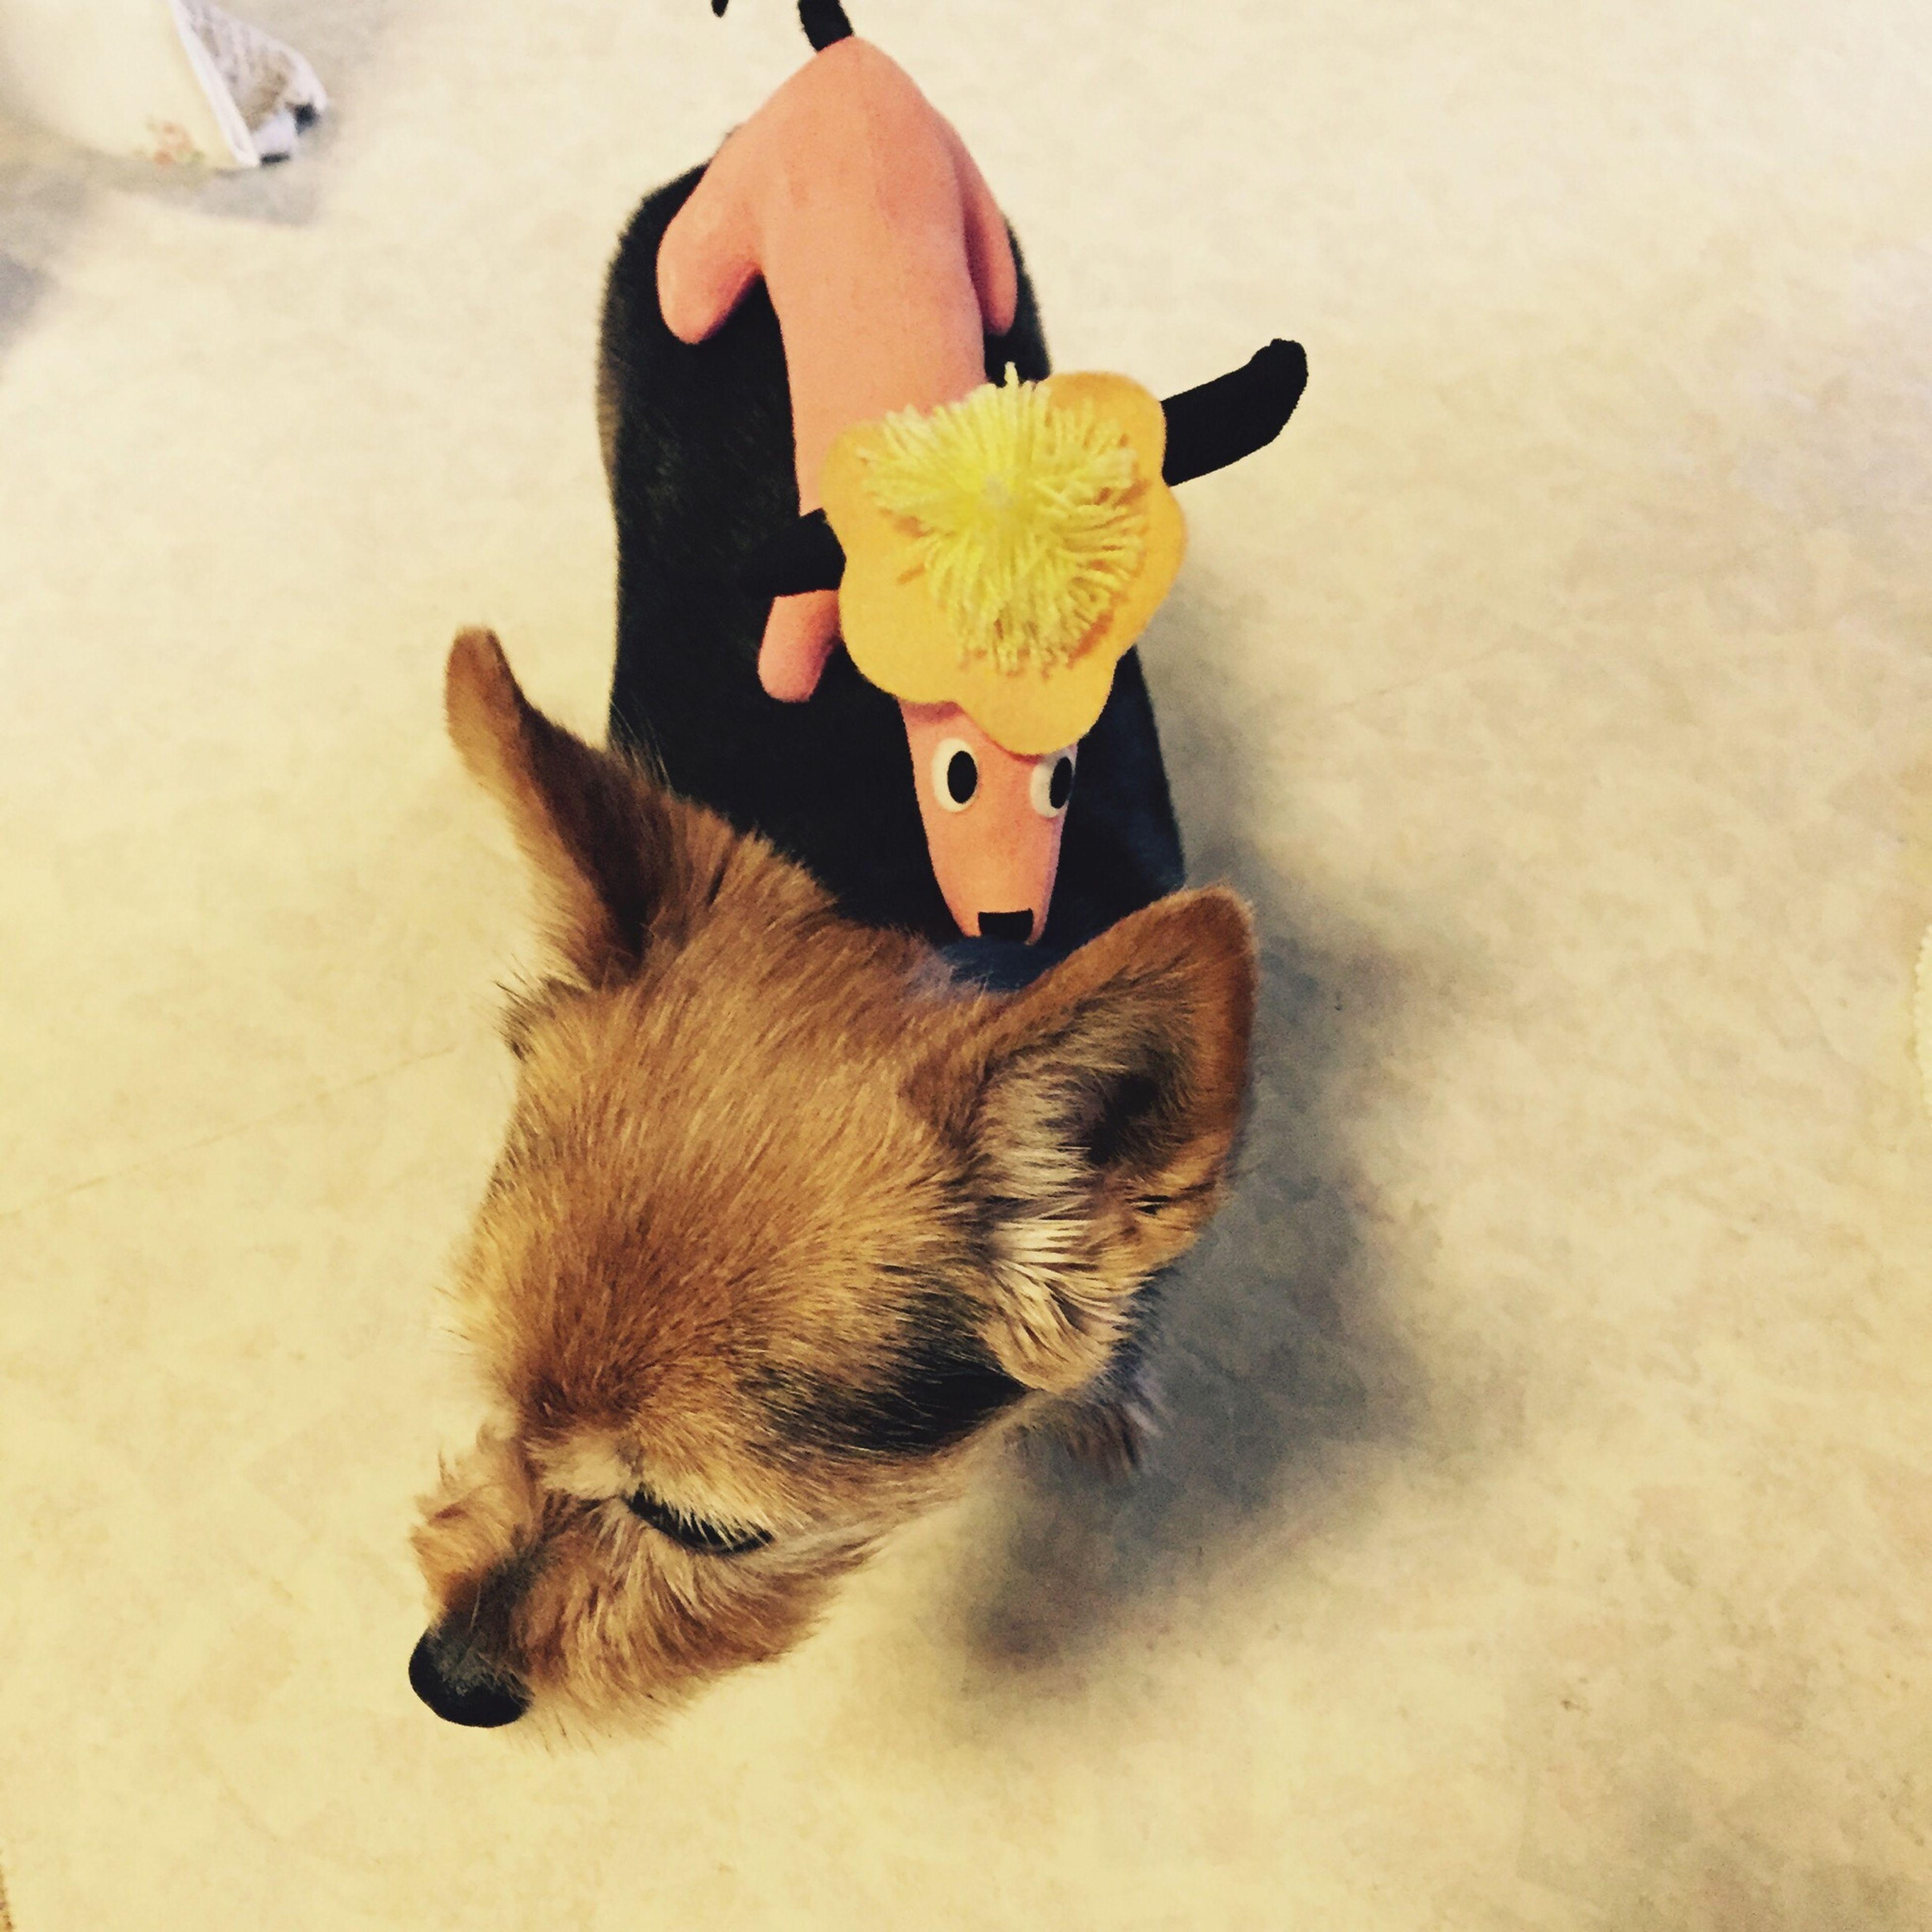 Put The Dog Dog Cute♡ 乗せ犬 犬